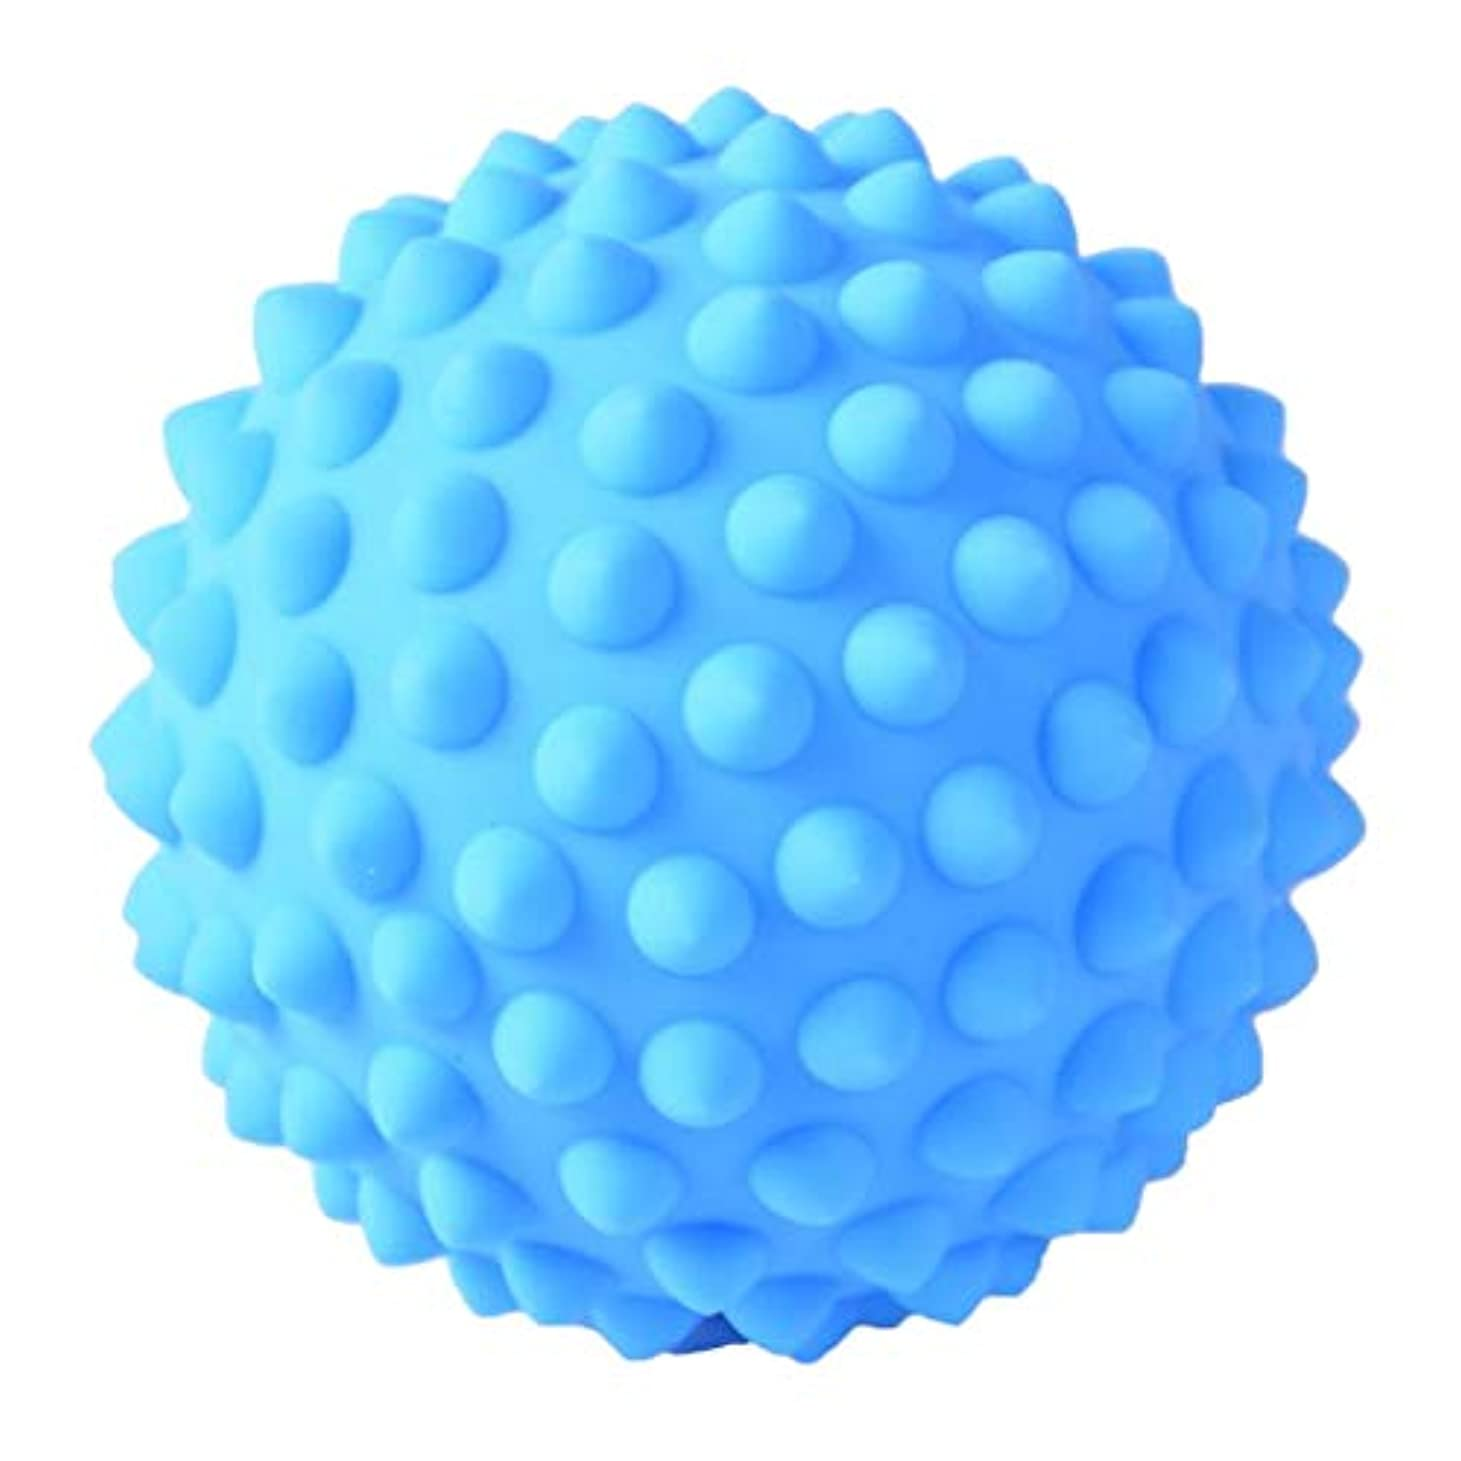 ごちそうファイナンスアルコーブD DOLITY マッサージボール PVC製 約9 cm 3色選べ - 青, 説明のとおり